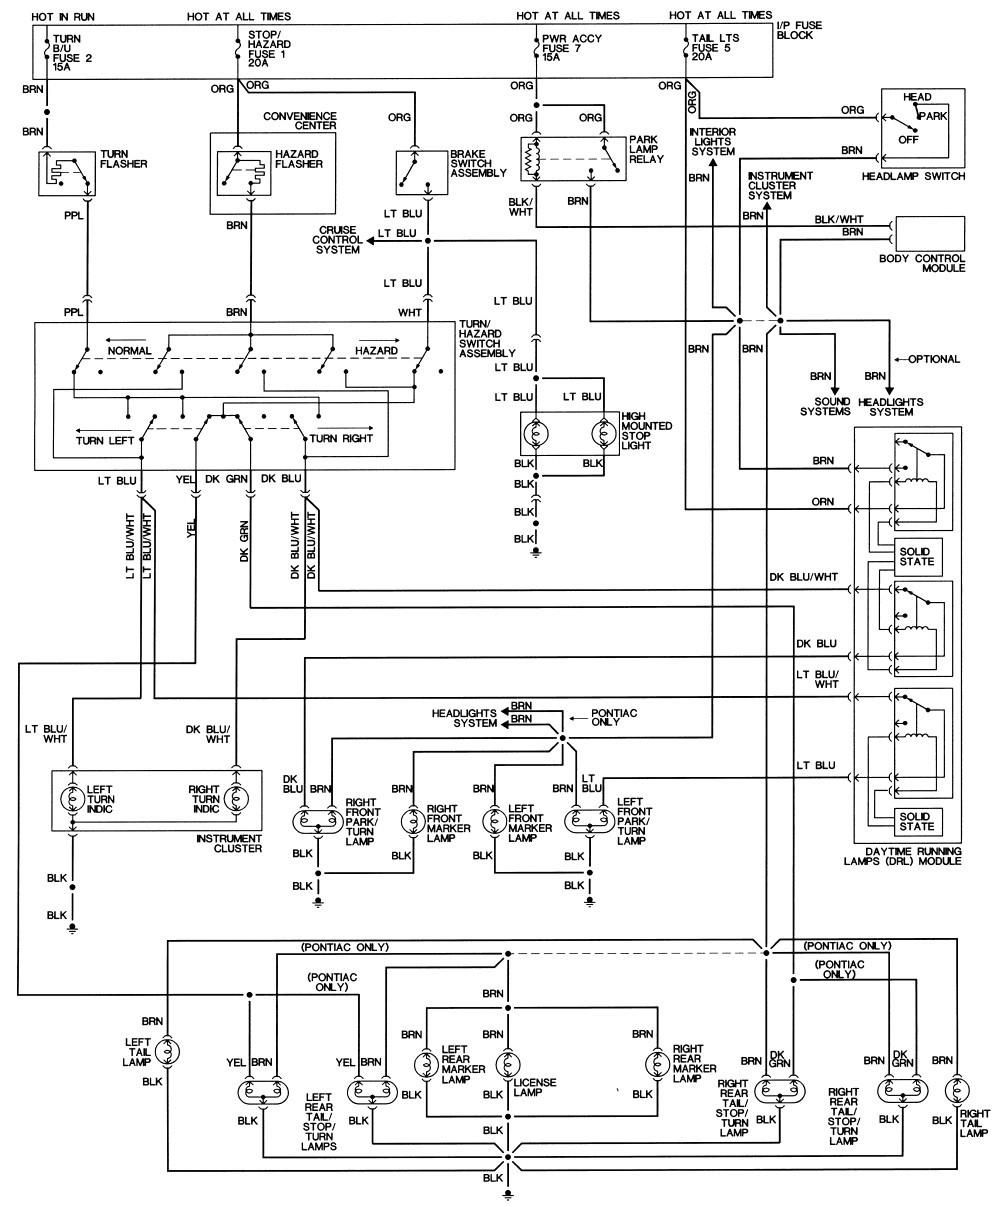 yb_2169] m2 wiring diagram free diagram  grebs exxlu gue45 sieg opein mohammedshrine librar wiring 101